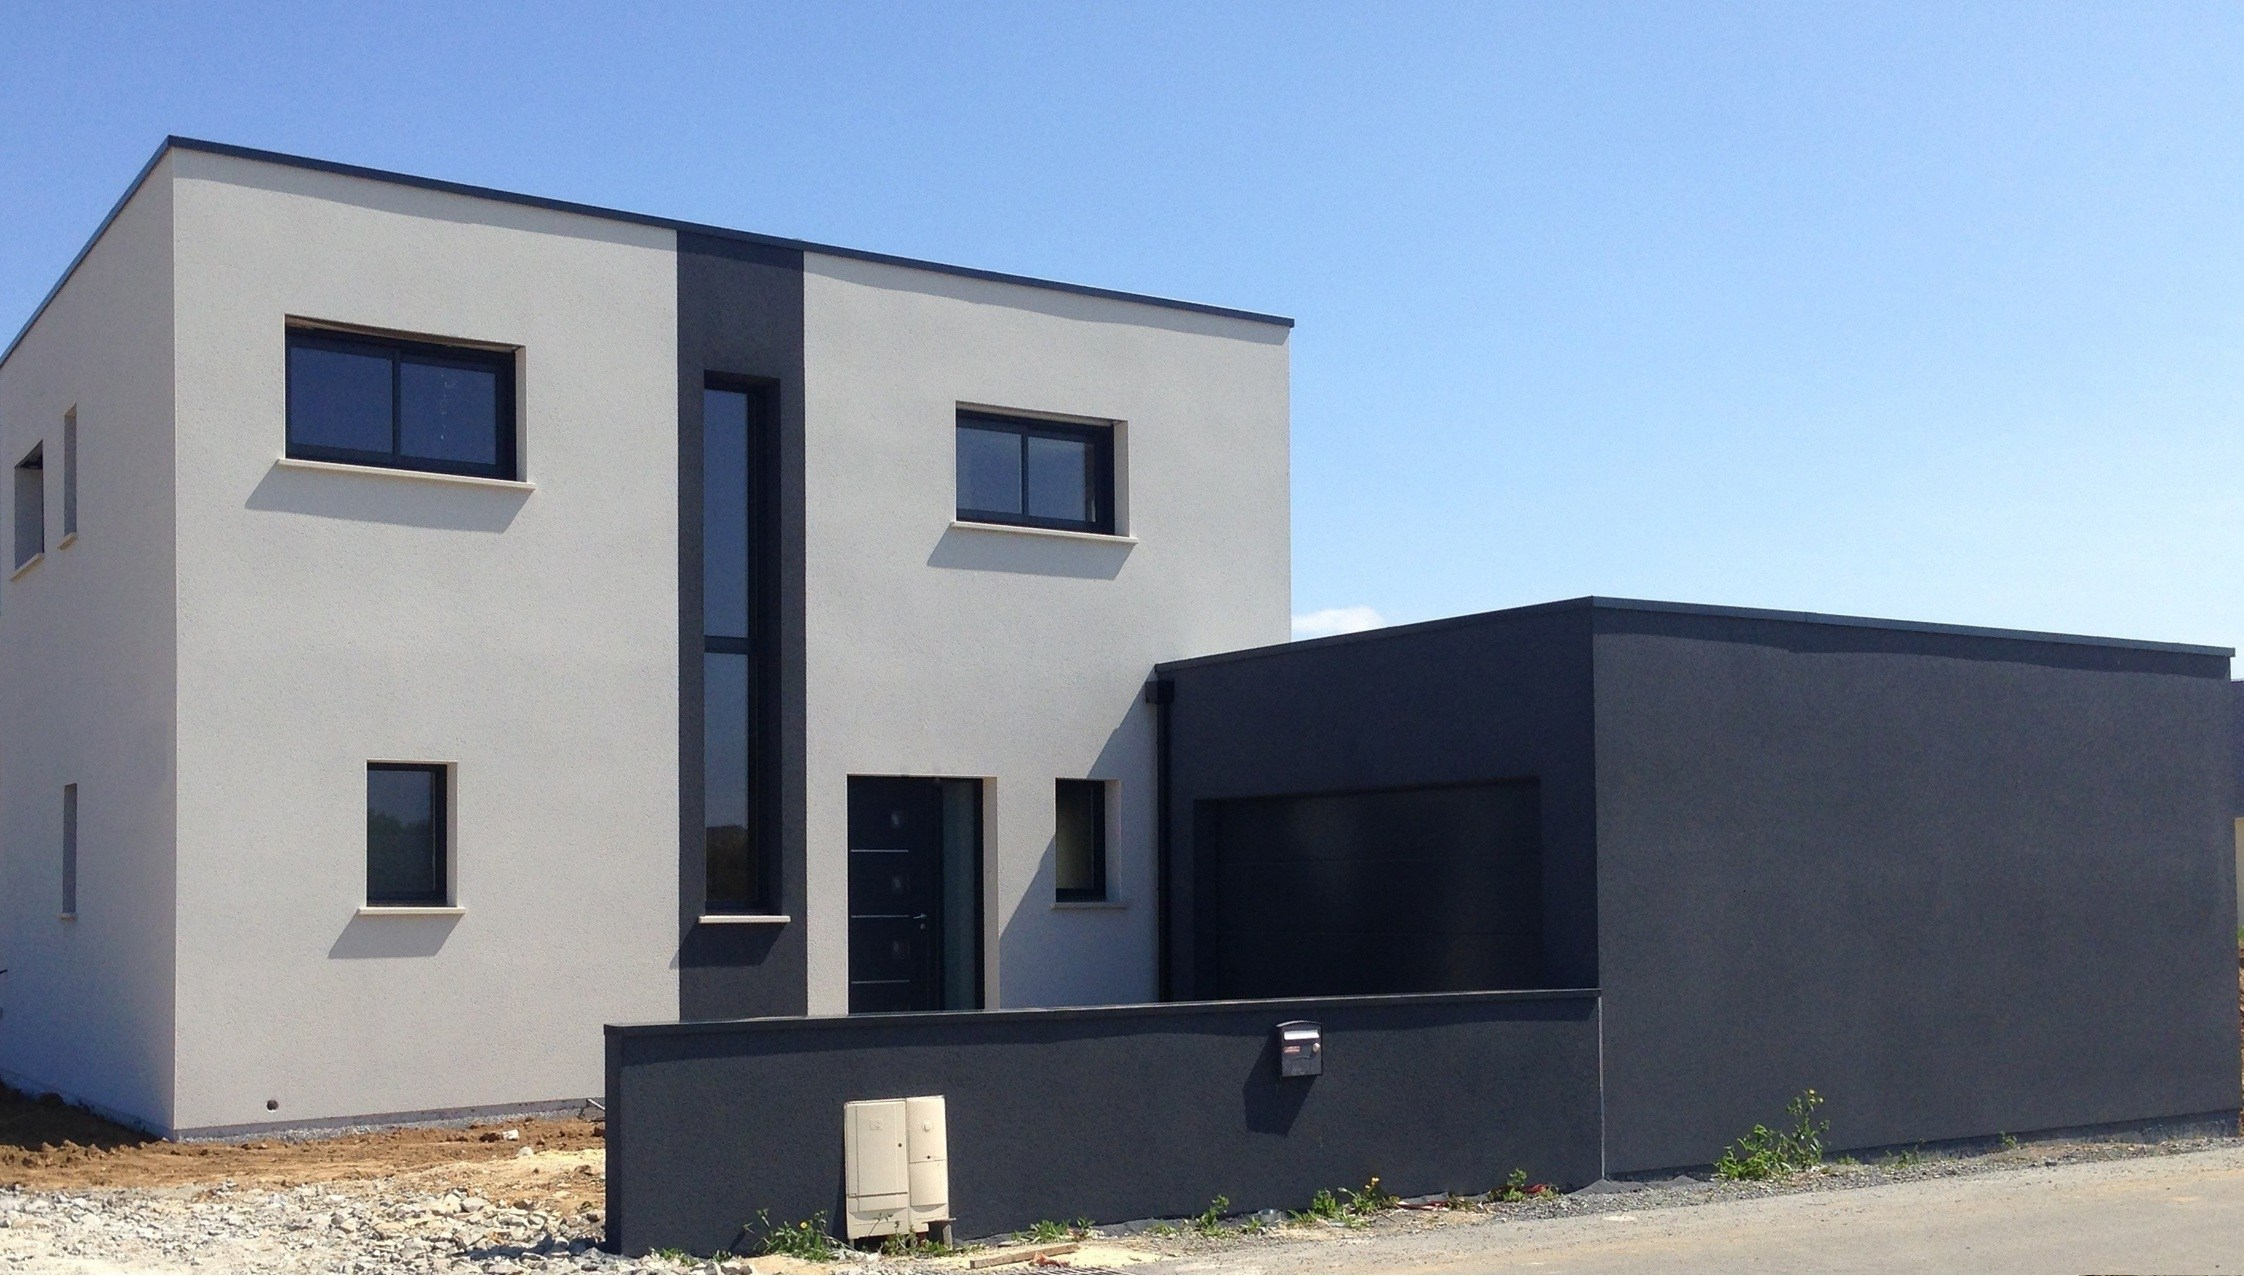 Maisons + Terrains du constructeur Maison Familiale Tours • 120 m² • AUTRECHE